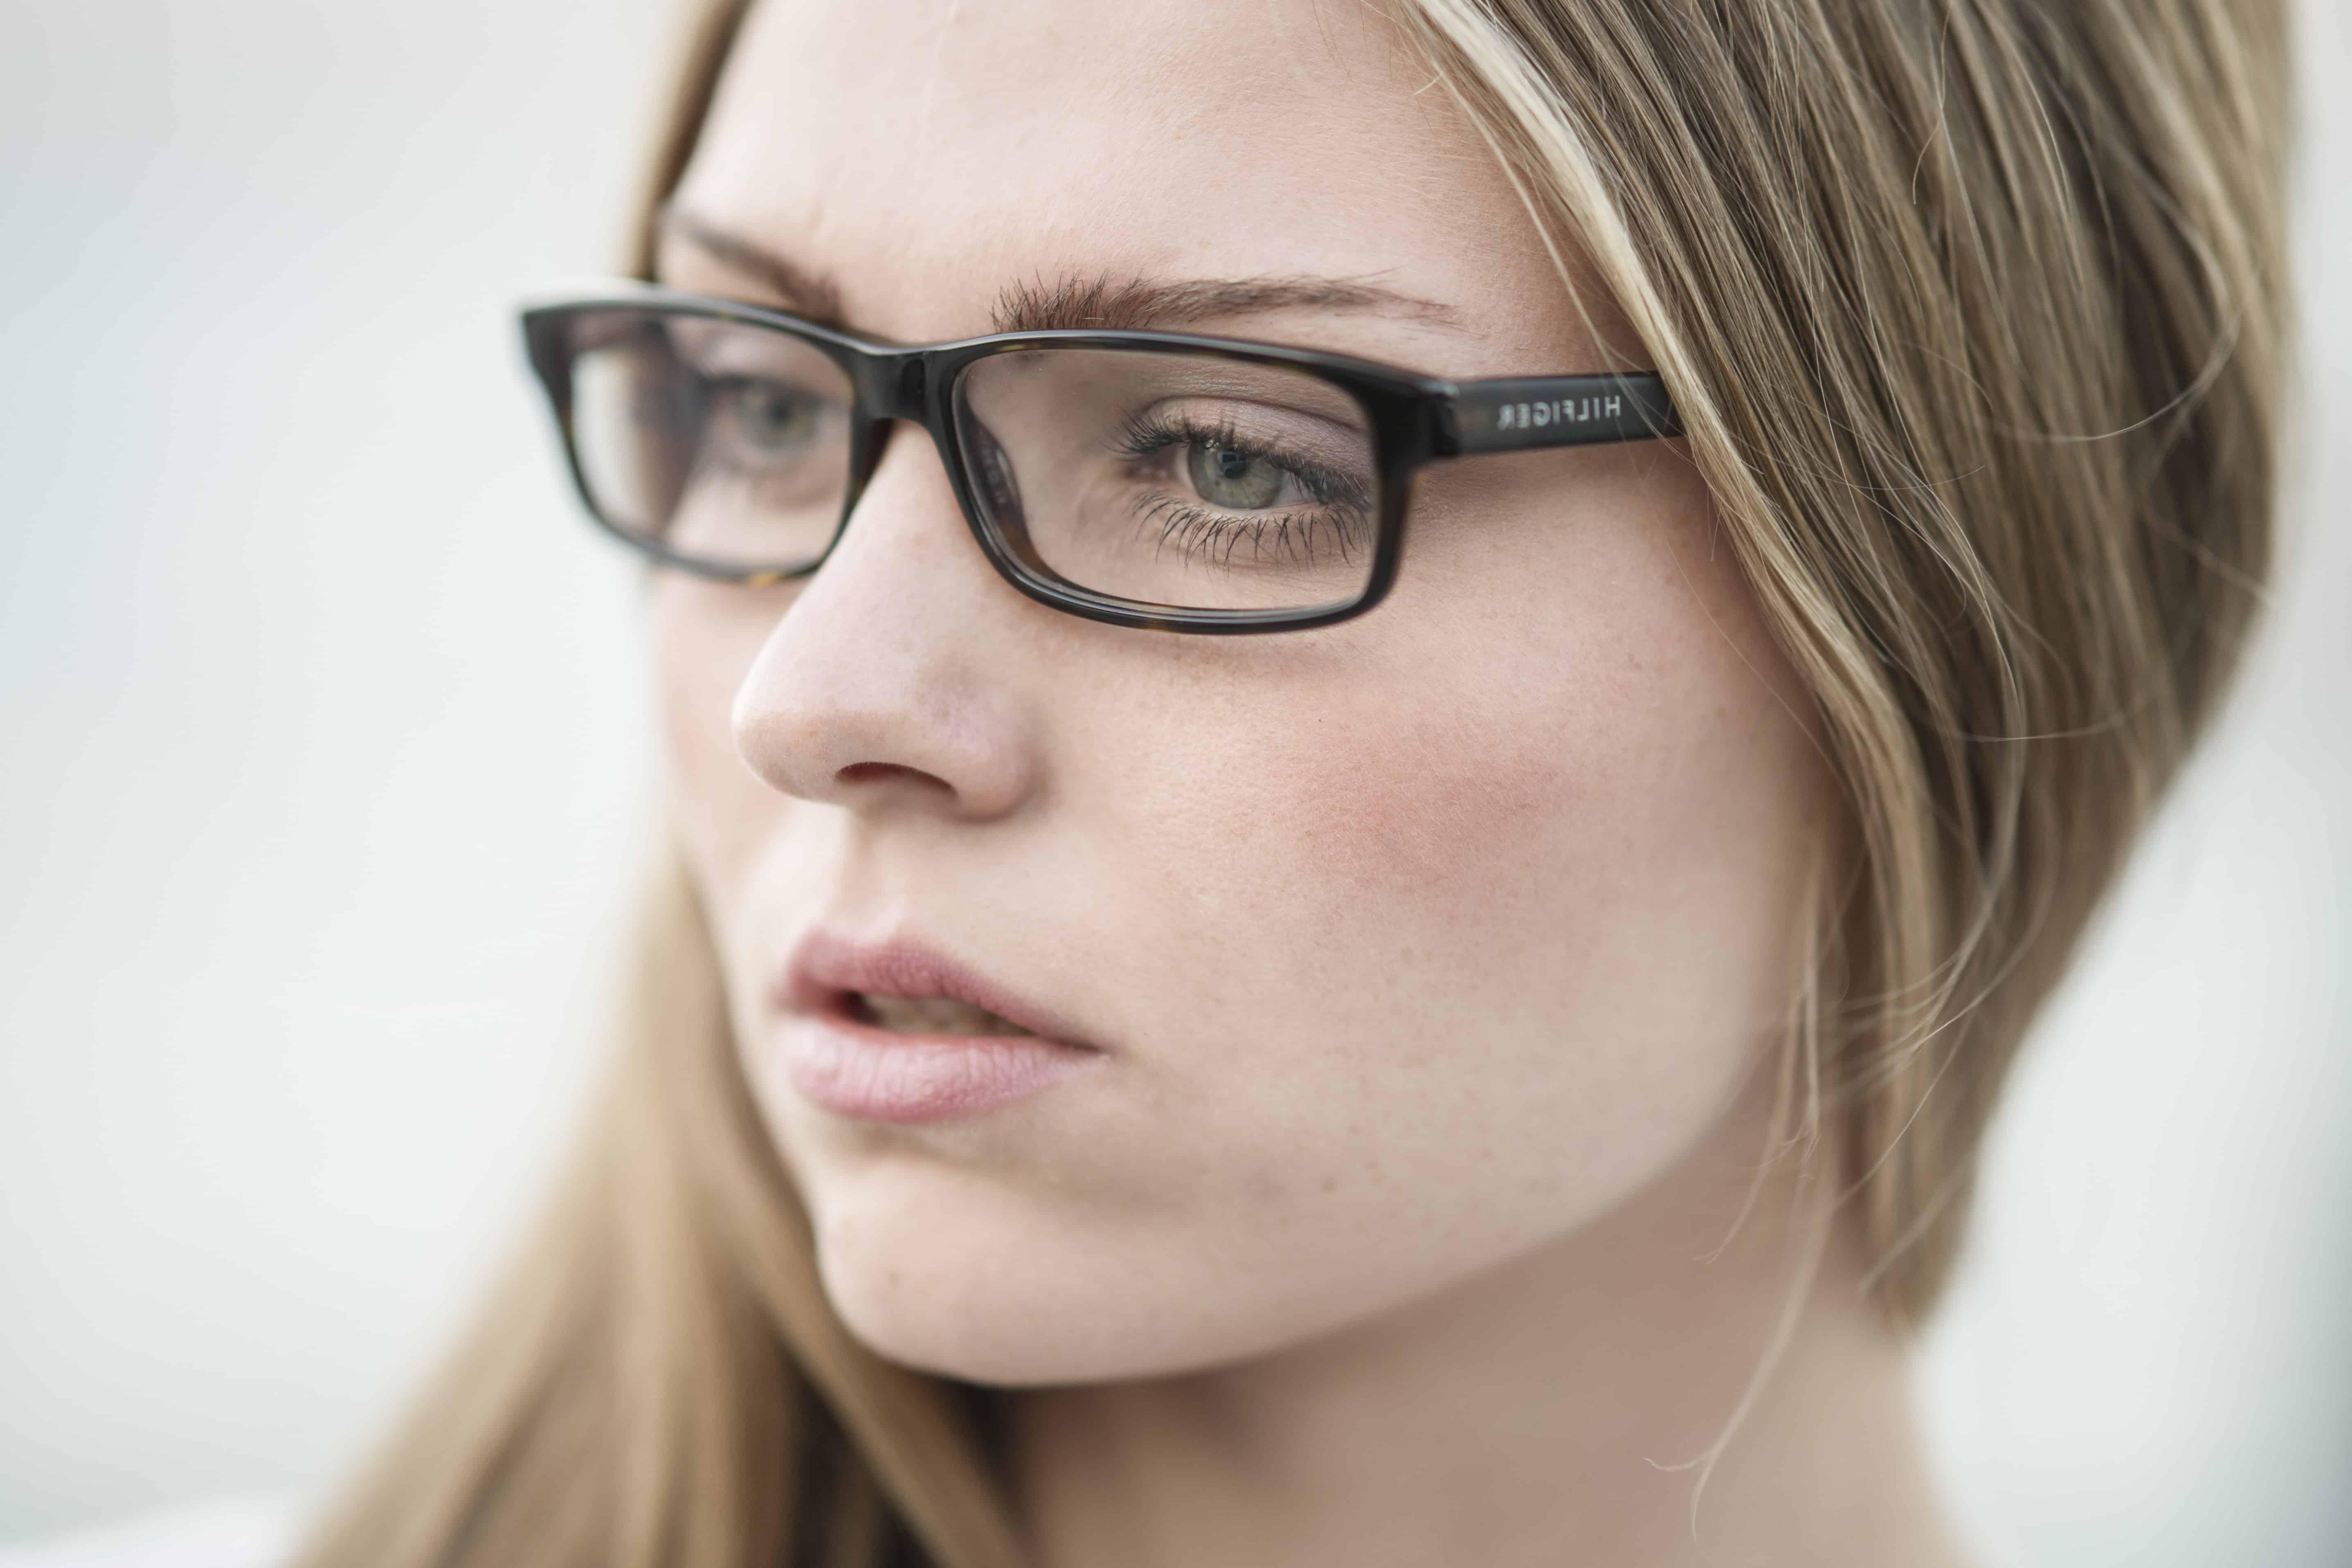 Chica joven de ojos verdes - 2 6